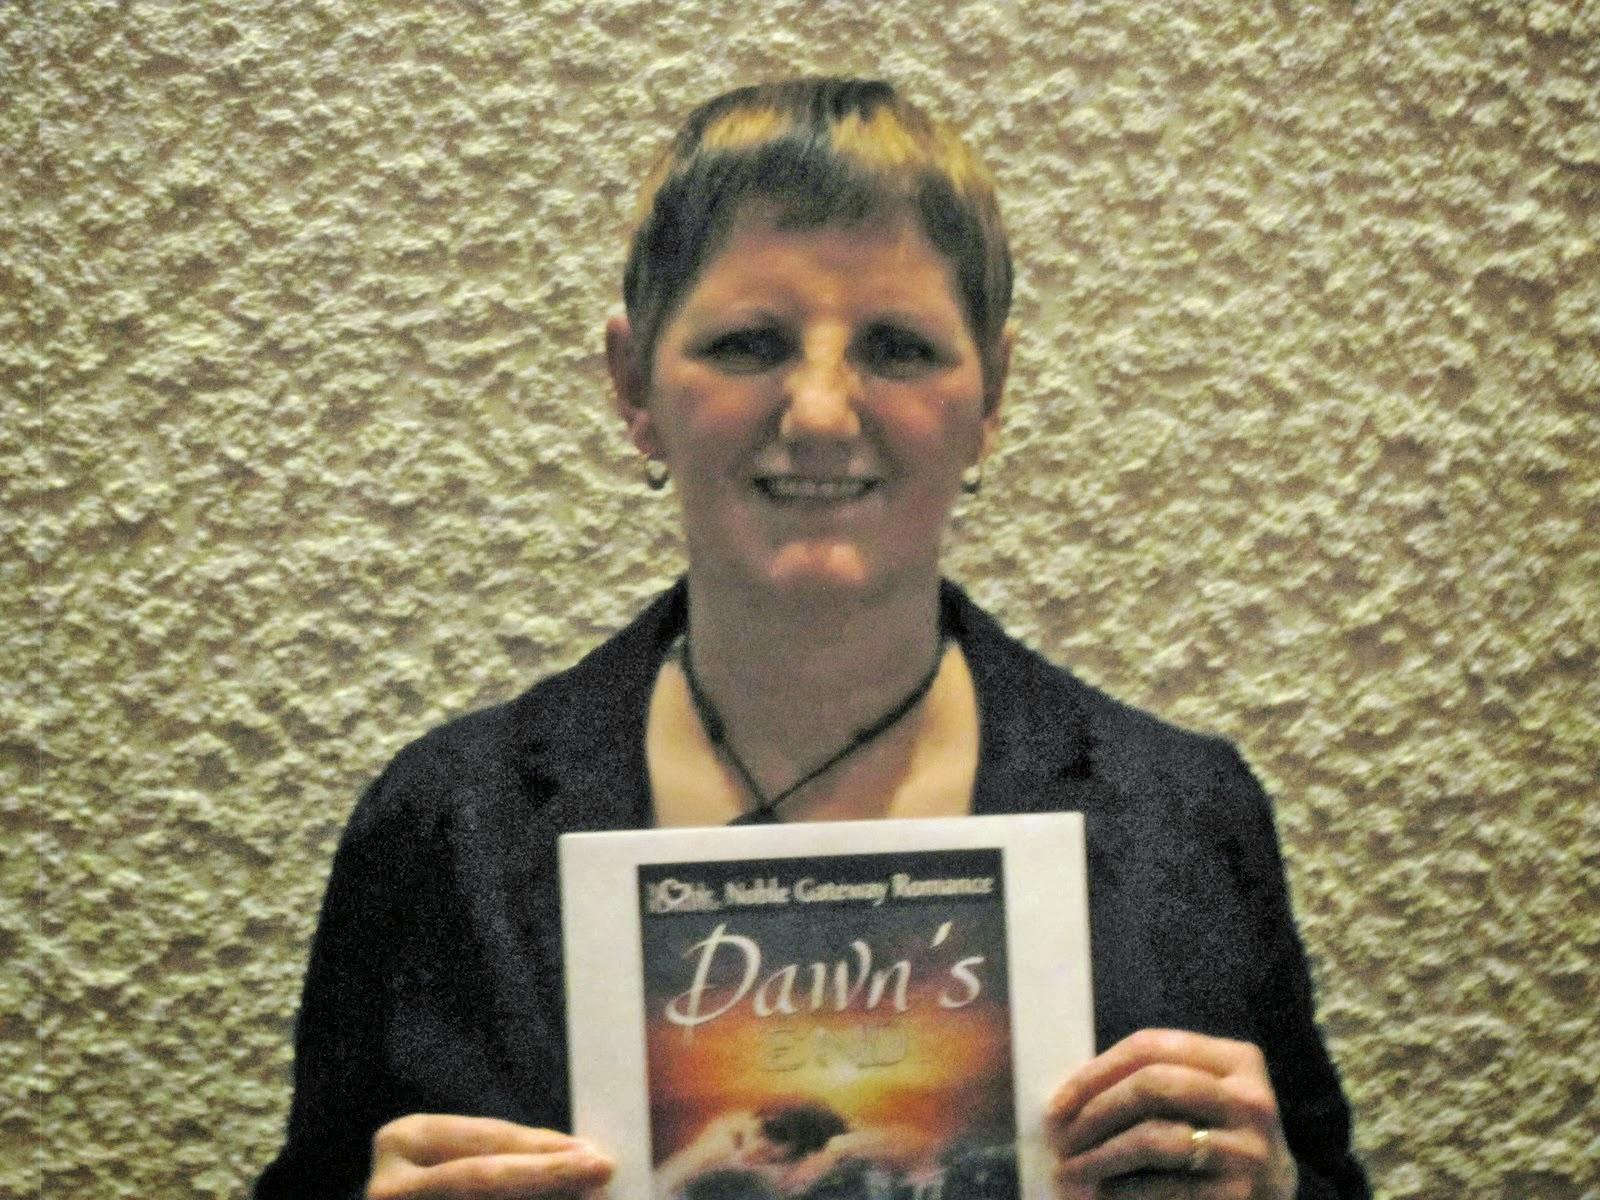 Writer Bonnie Ferrante